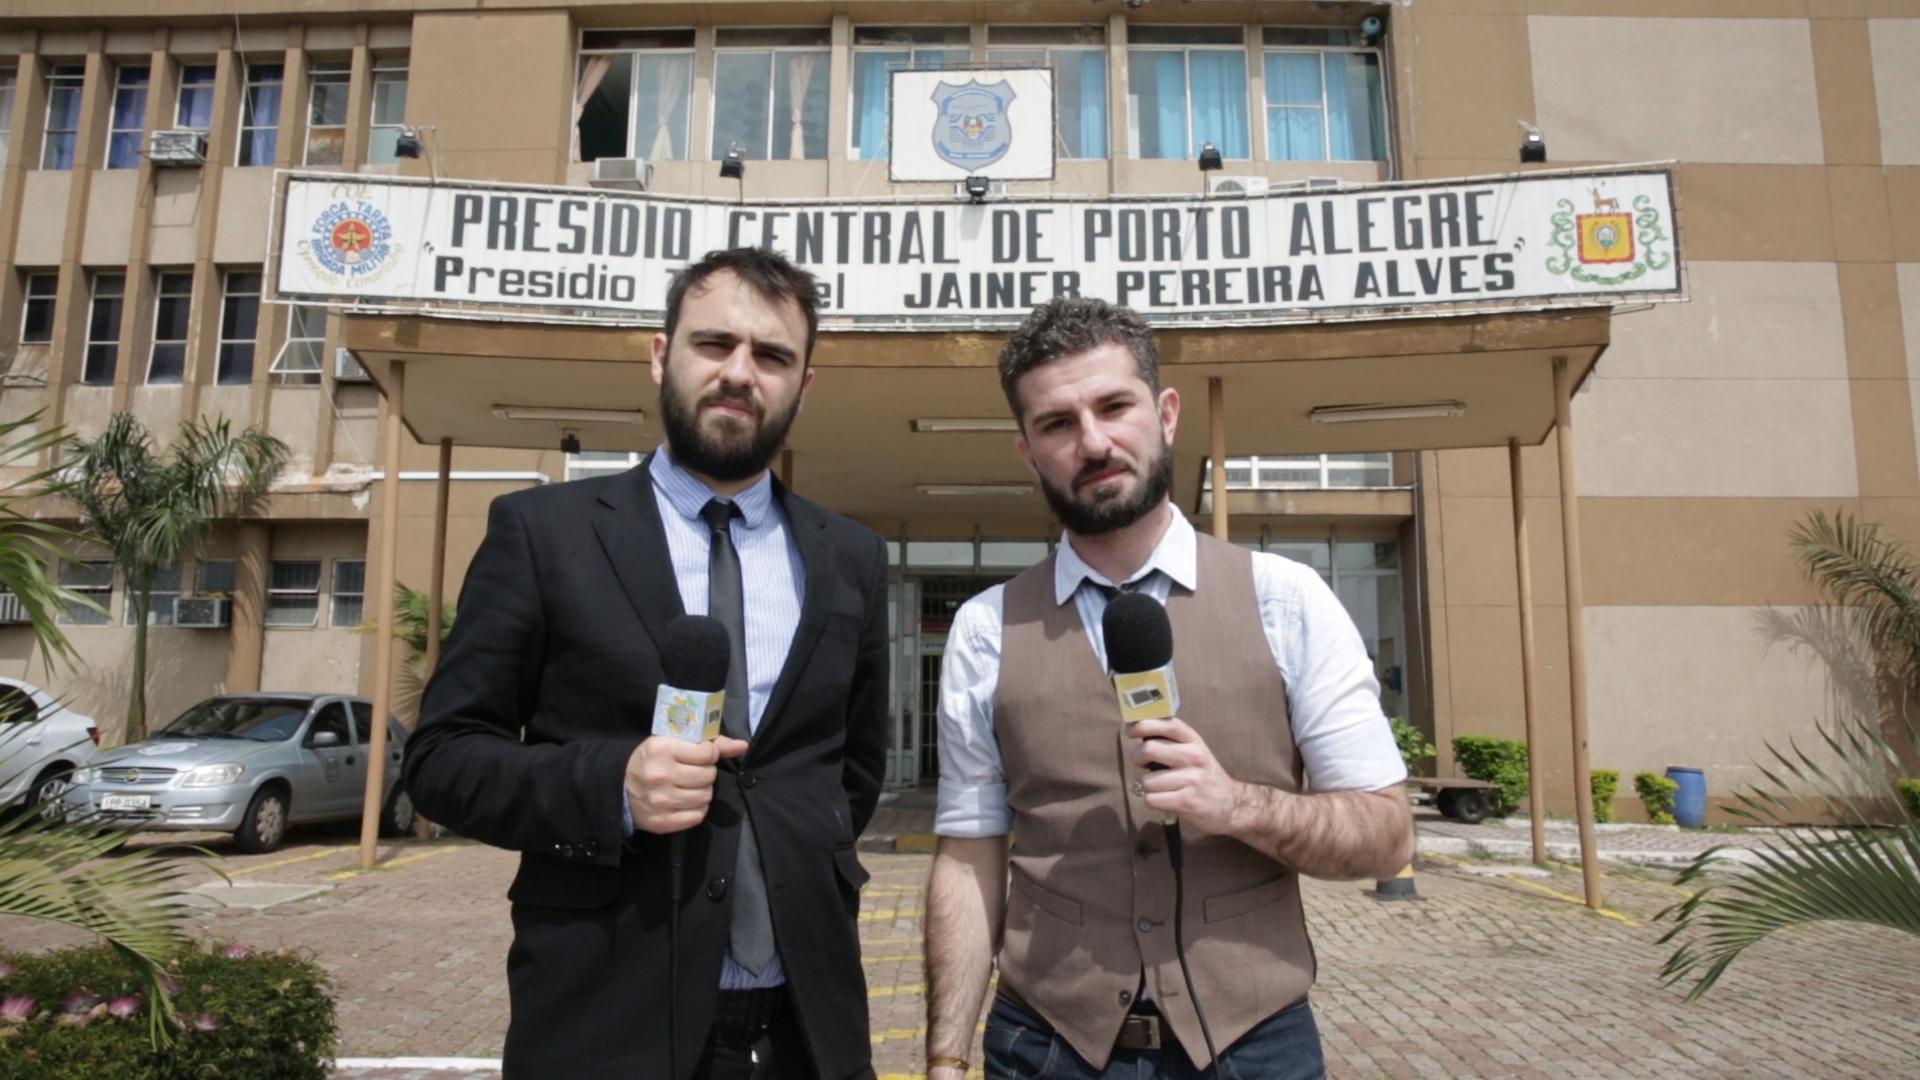 #LaUrna: como o Presídio Central se prepara para a eleição